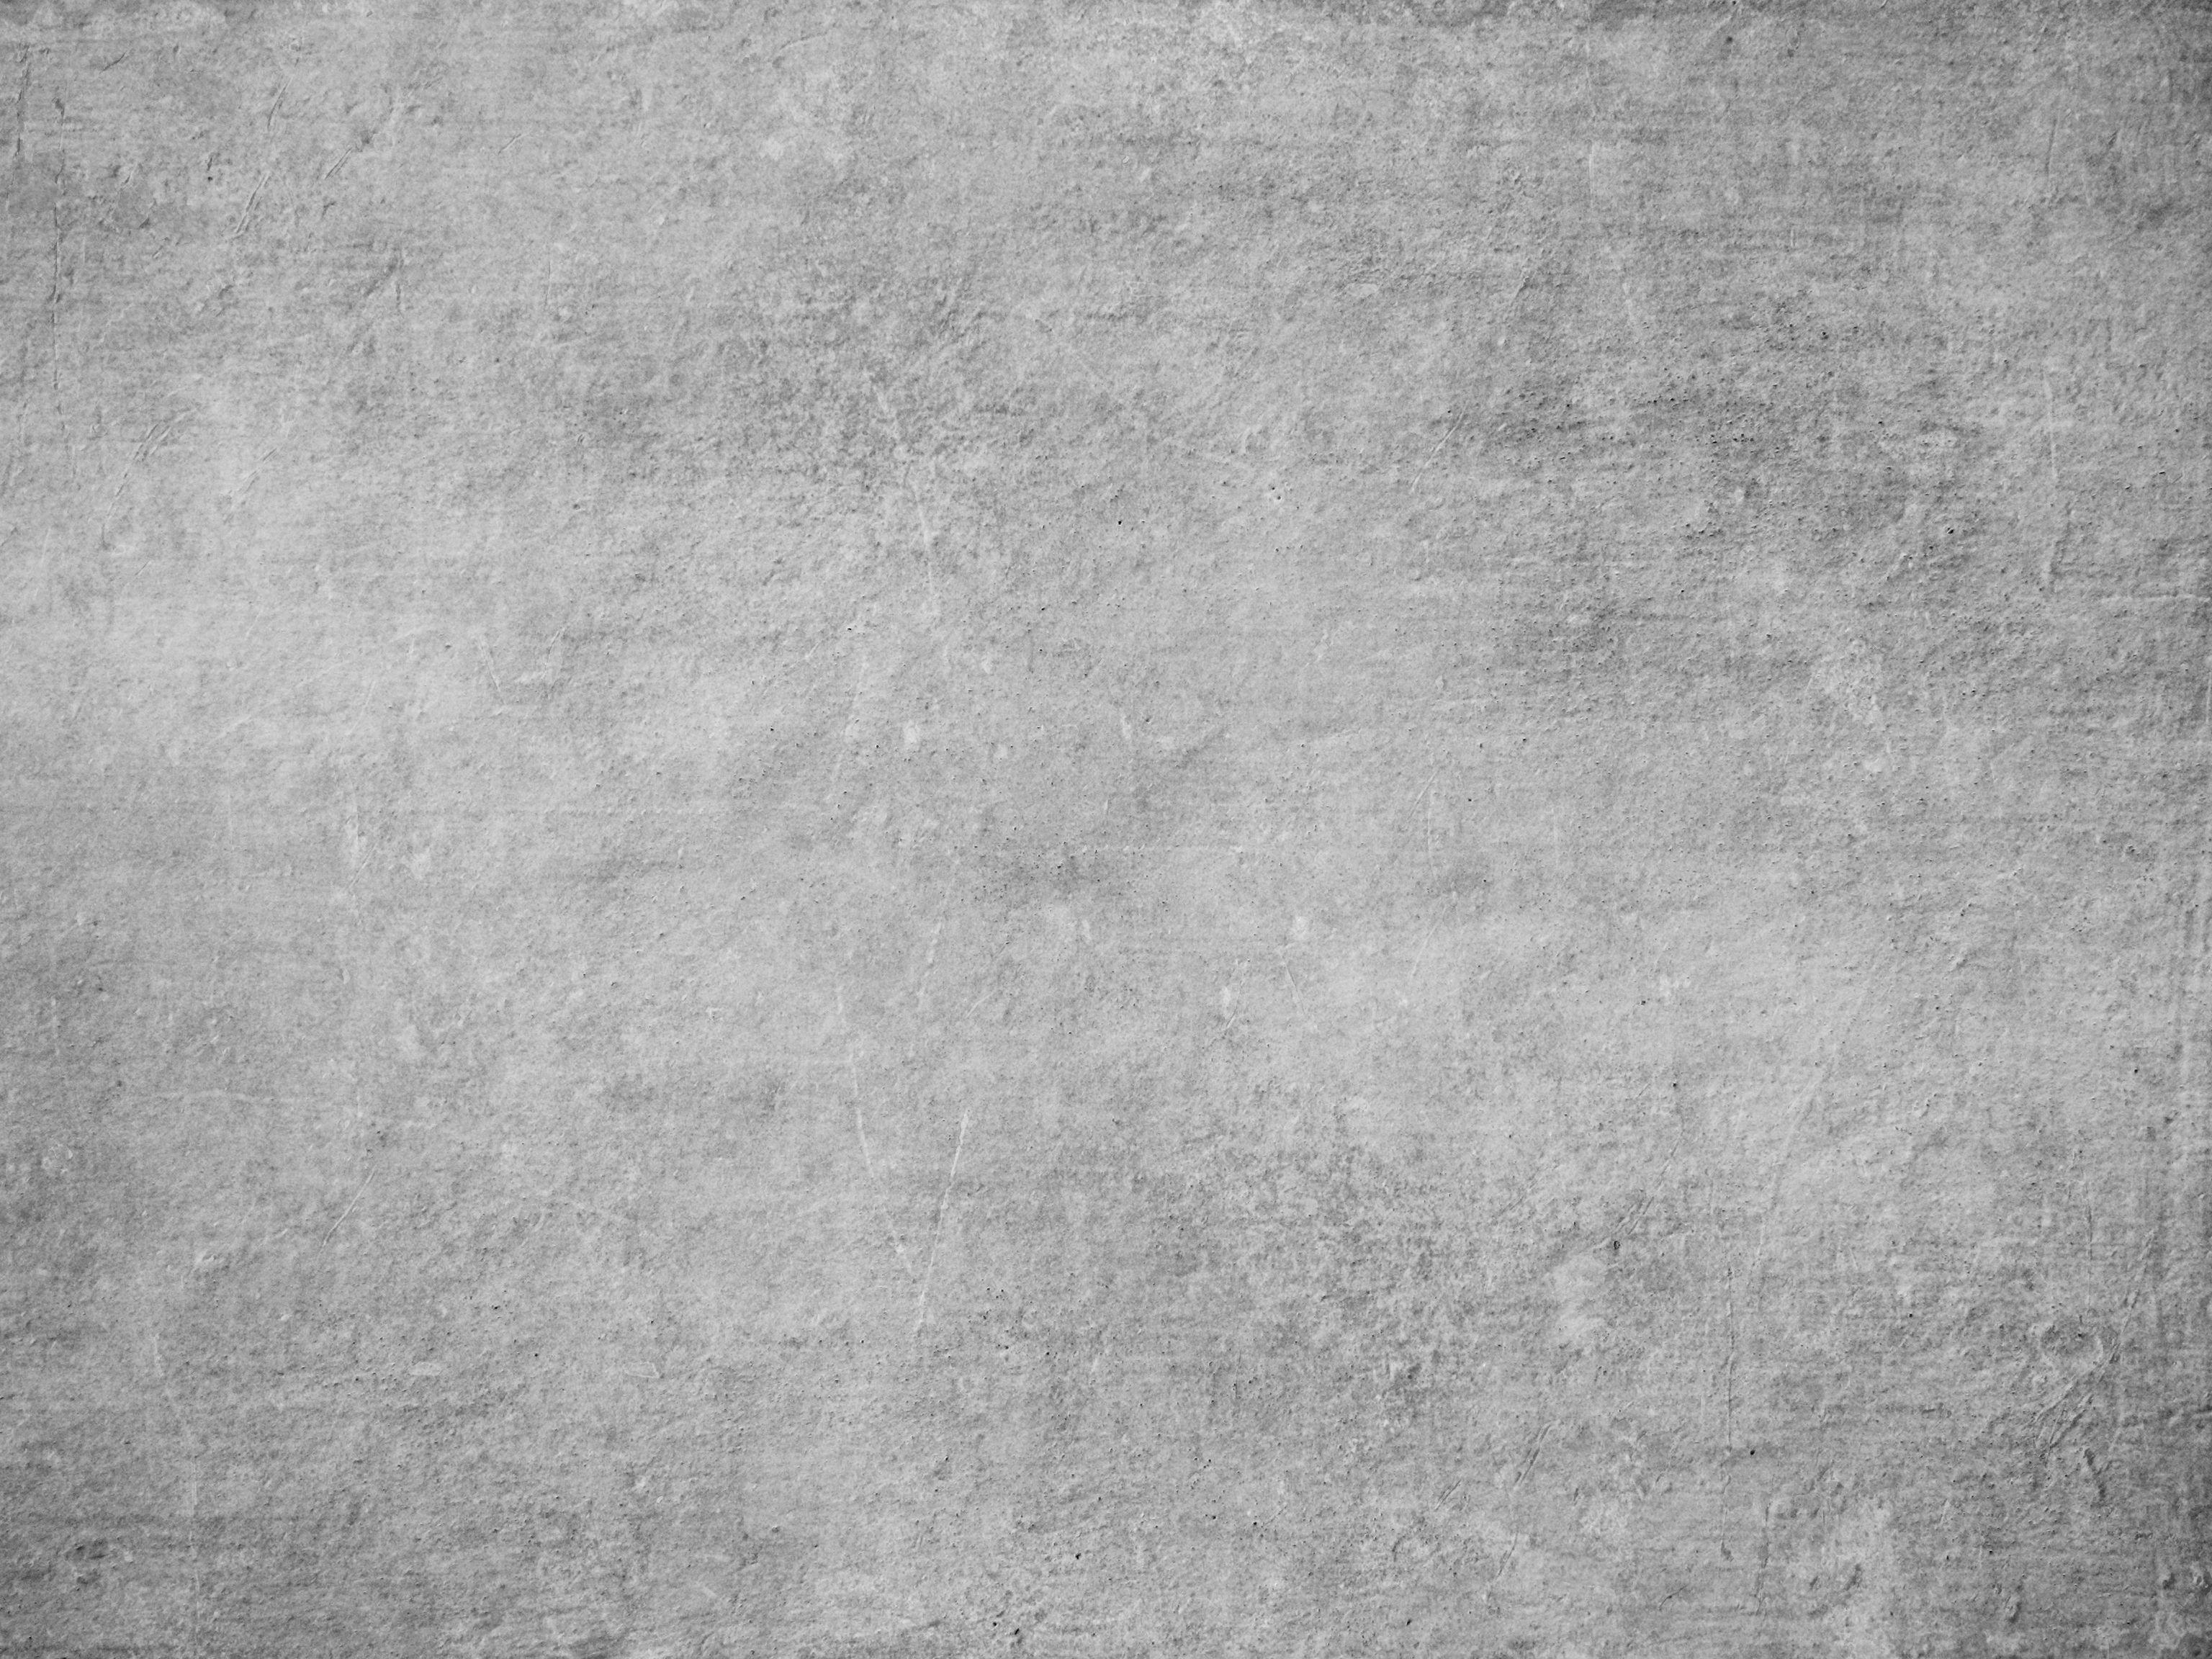 Concrete Flooring Emser Concrete Wall Texture